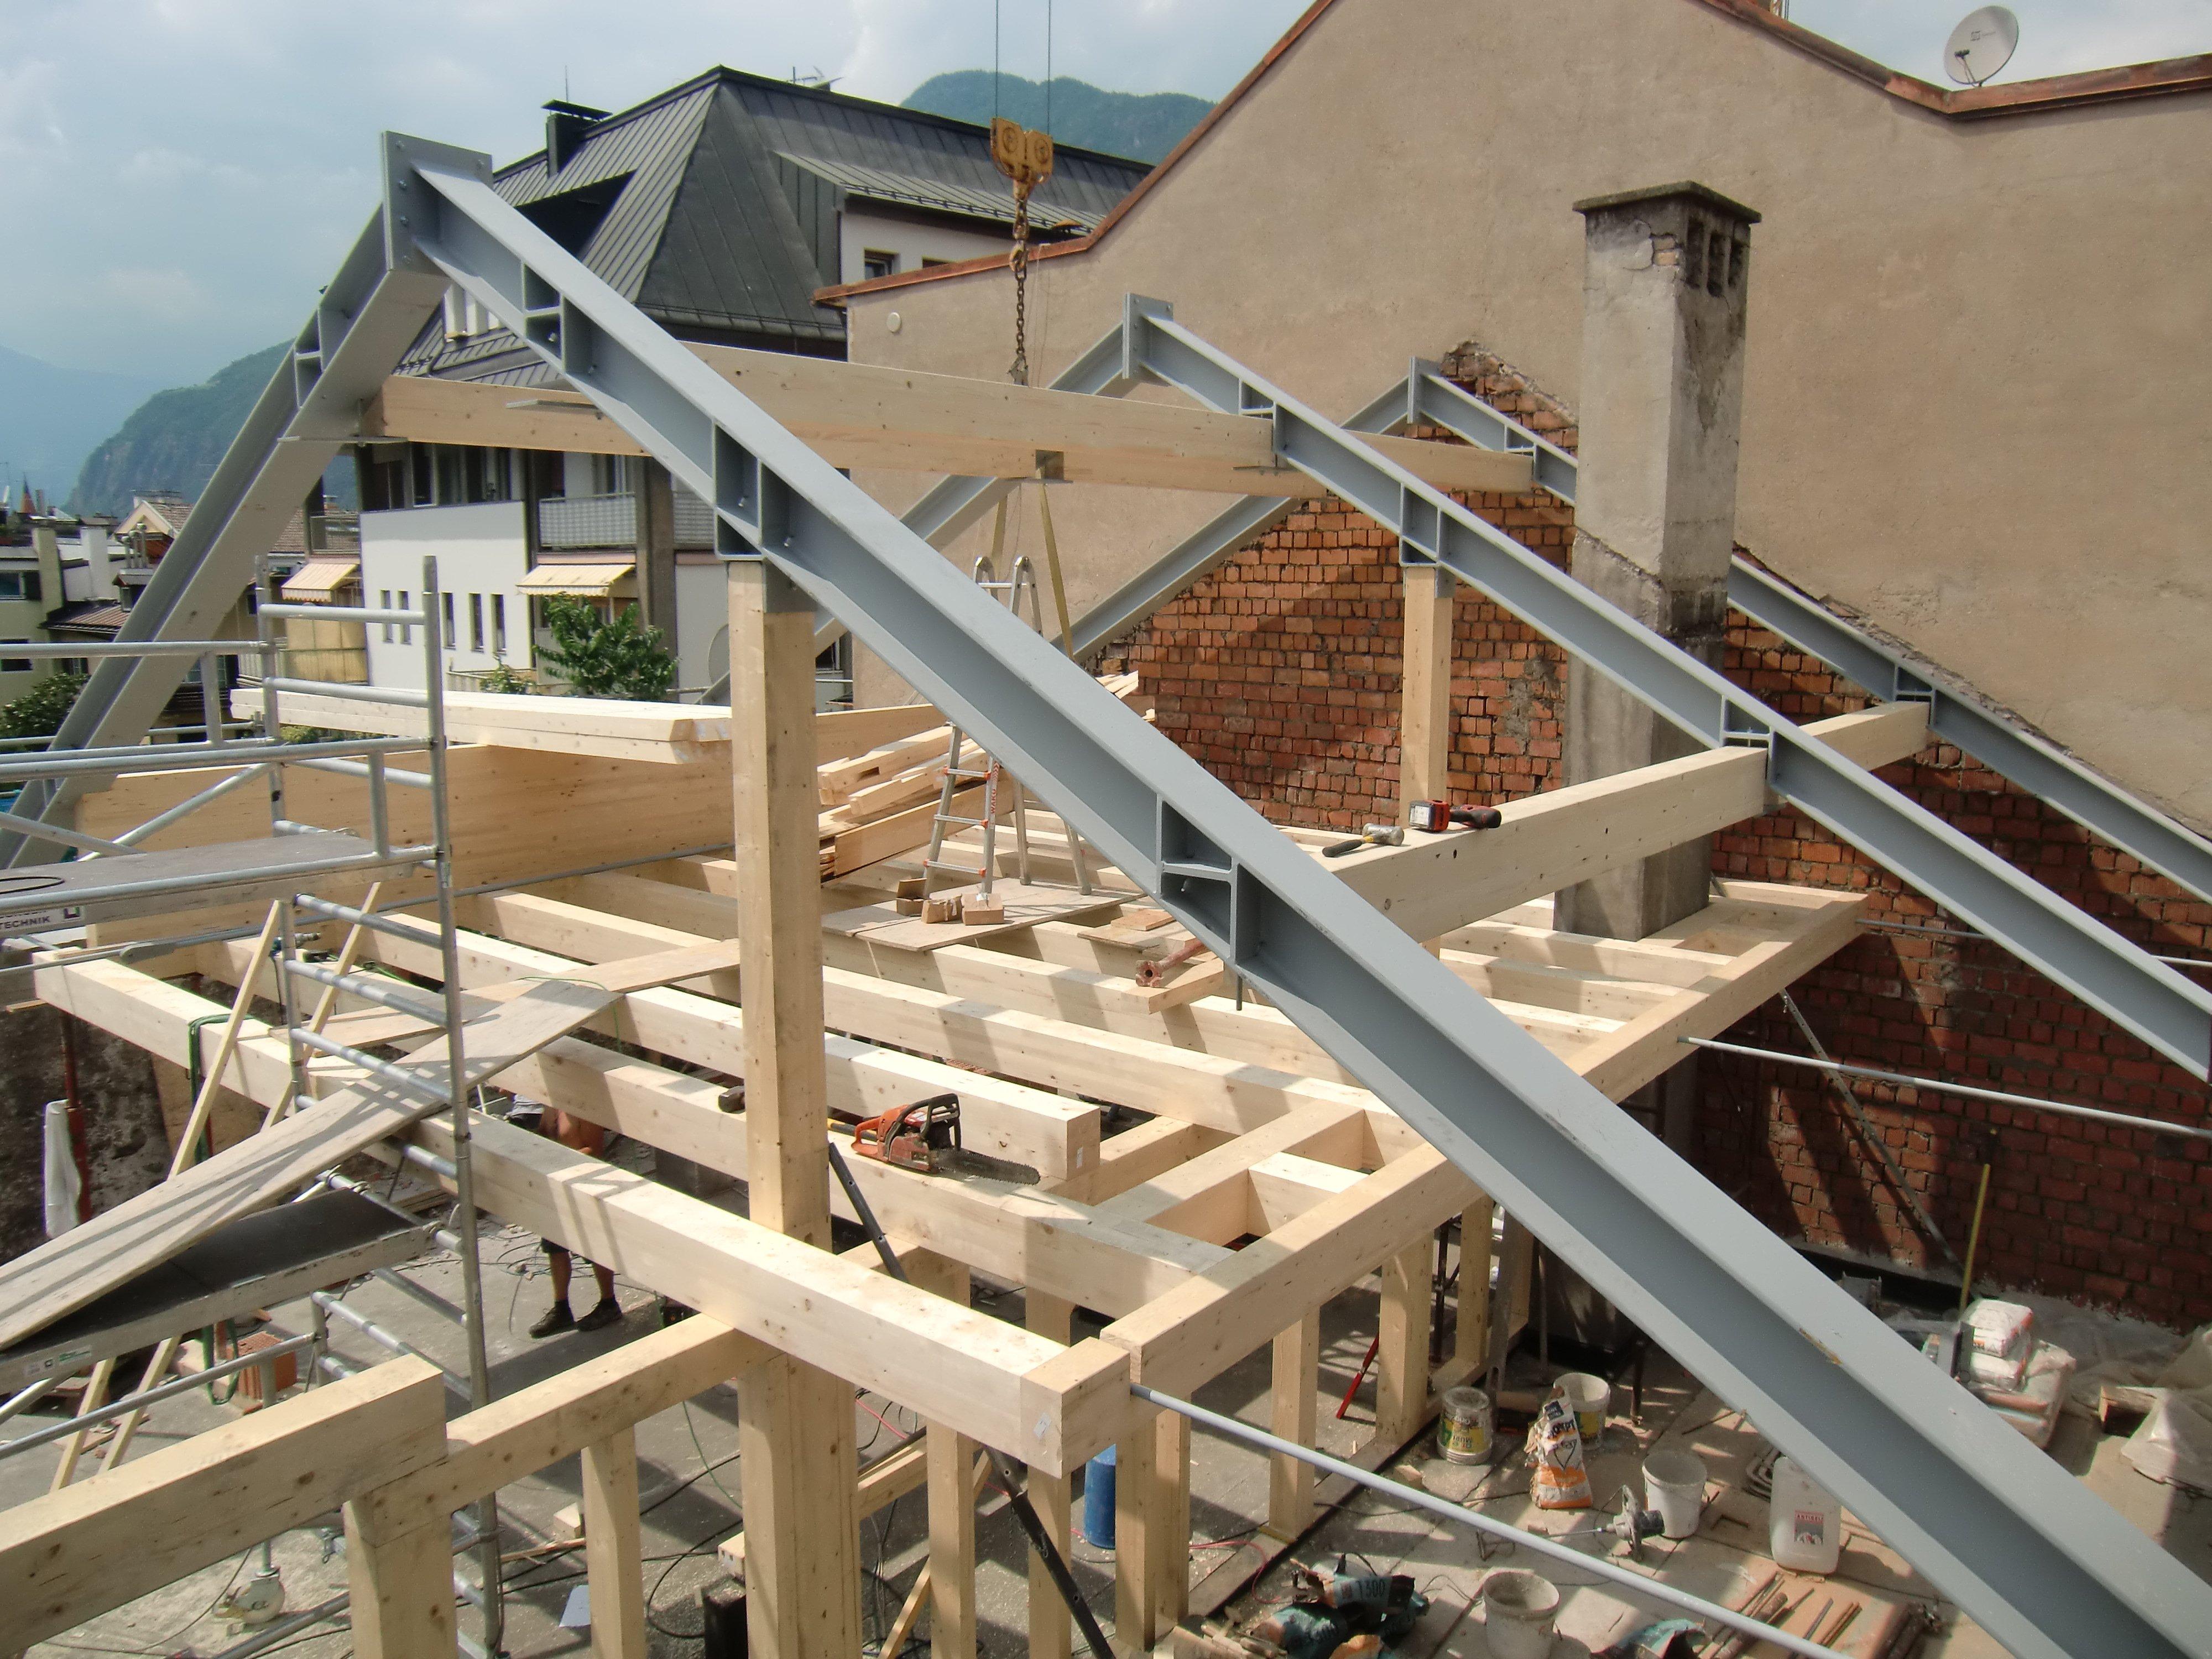 struttura in ferro e legno per ristrutturazione tetto